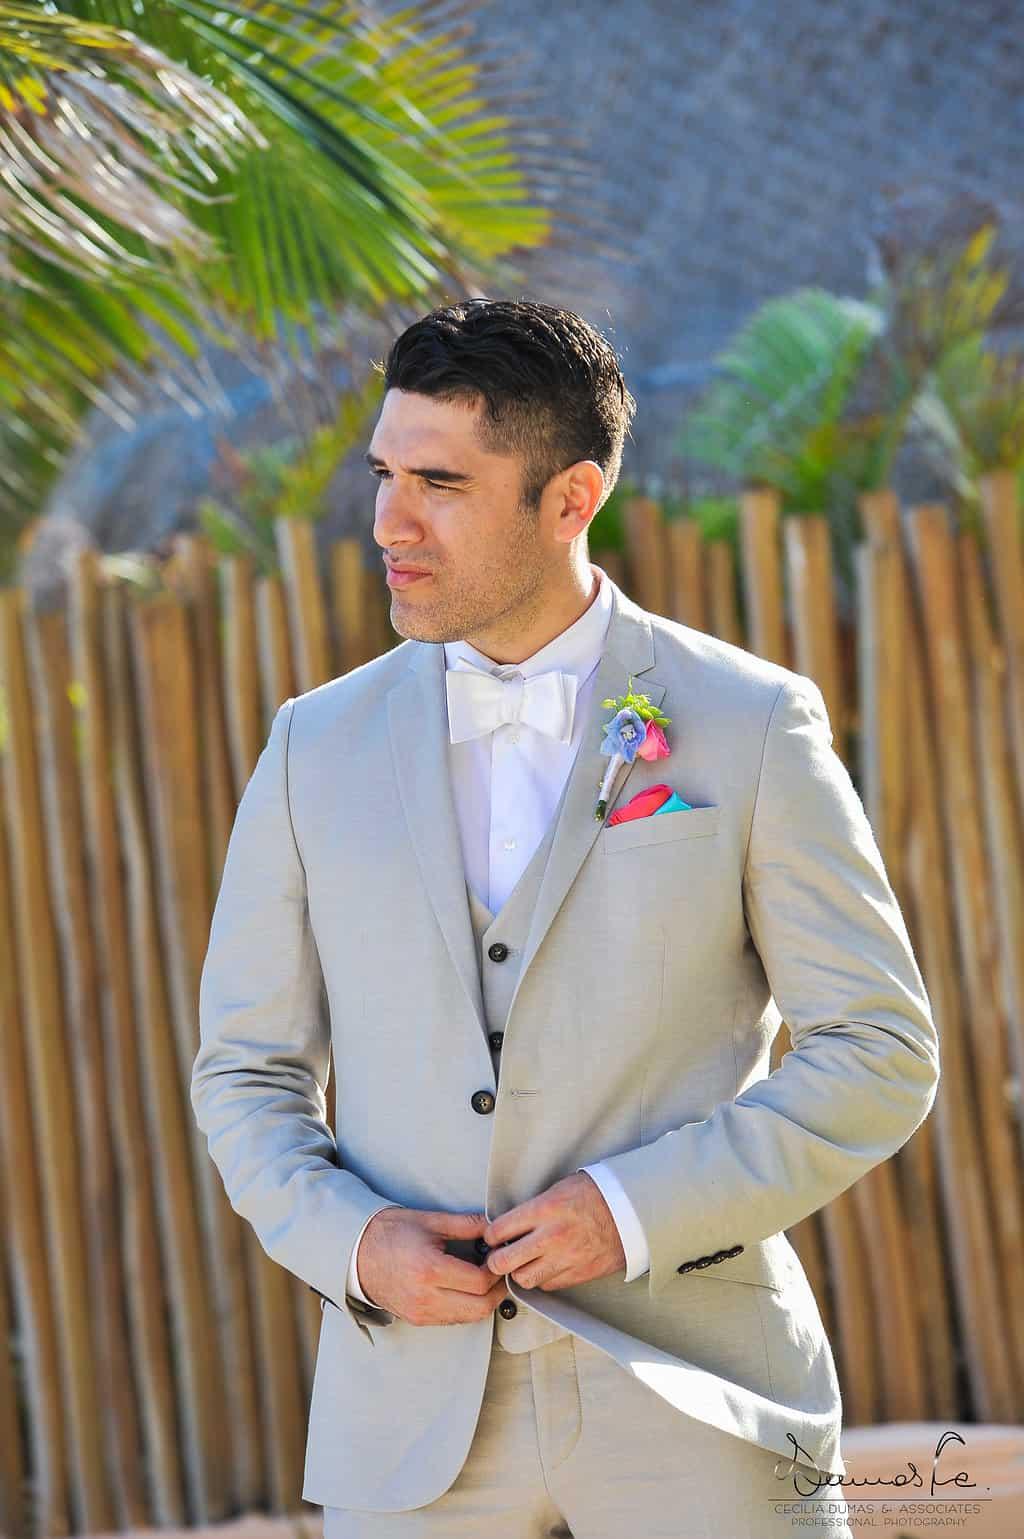 mahekalhotel-playadelcarmen-weddingphotography-lindseyalfredo51